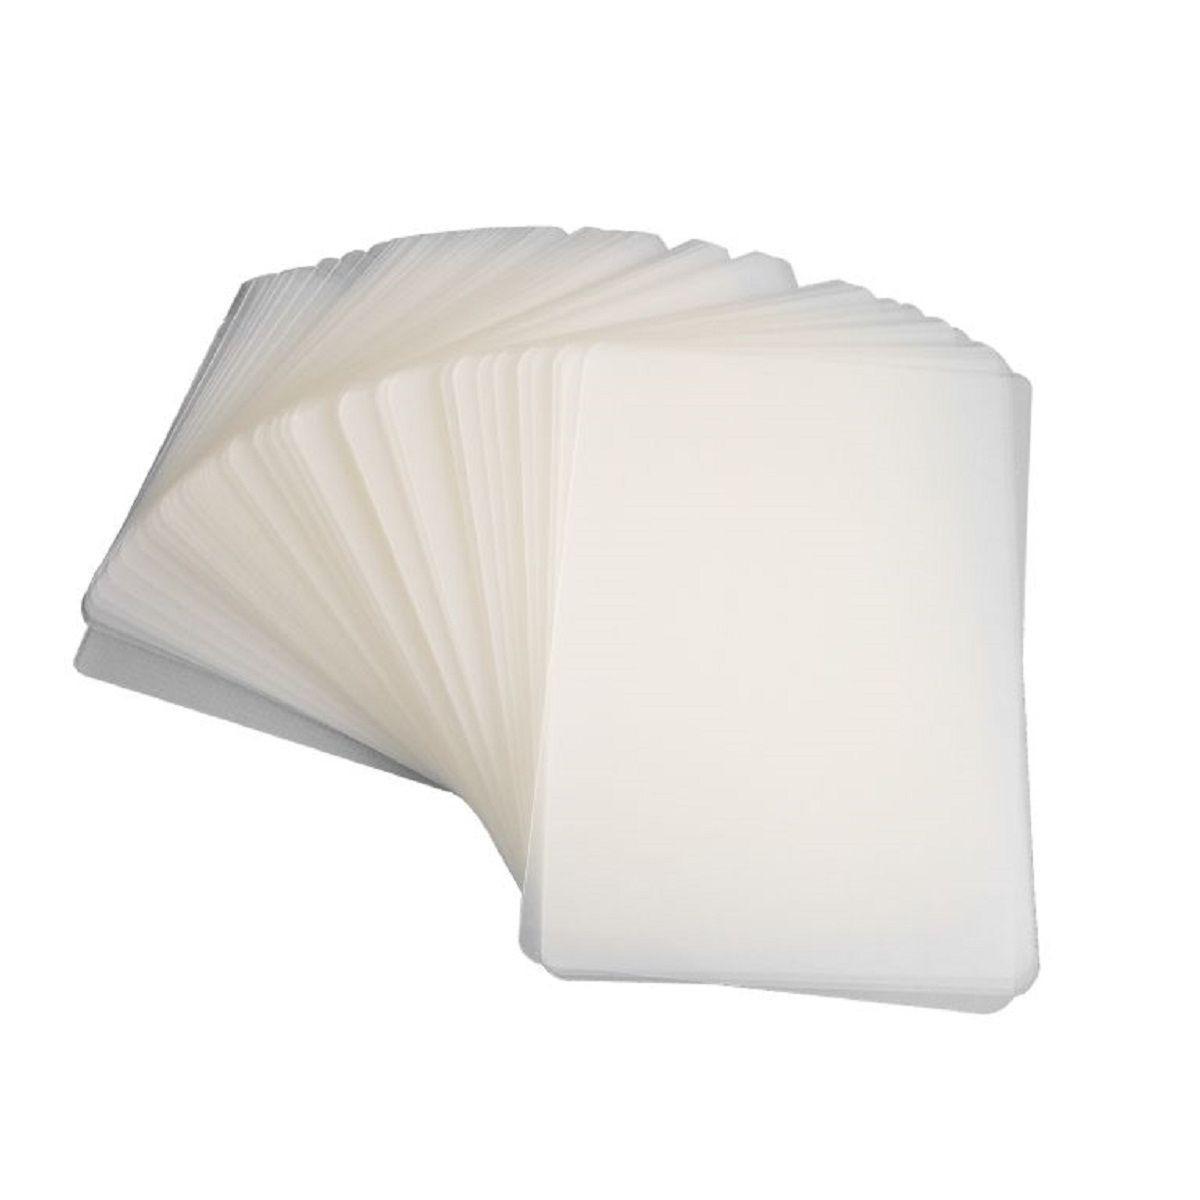 Kit 300 Plasticos Polaseal para Plastificação Crachá 59x86x0,05mm (125 micras)  - Click Suprimentos